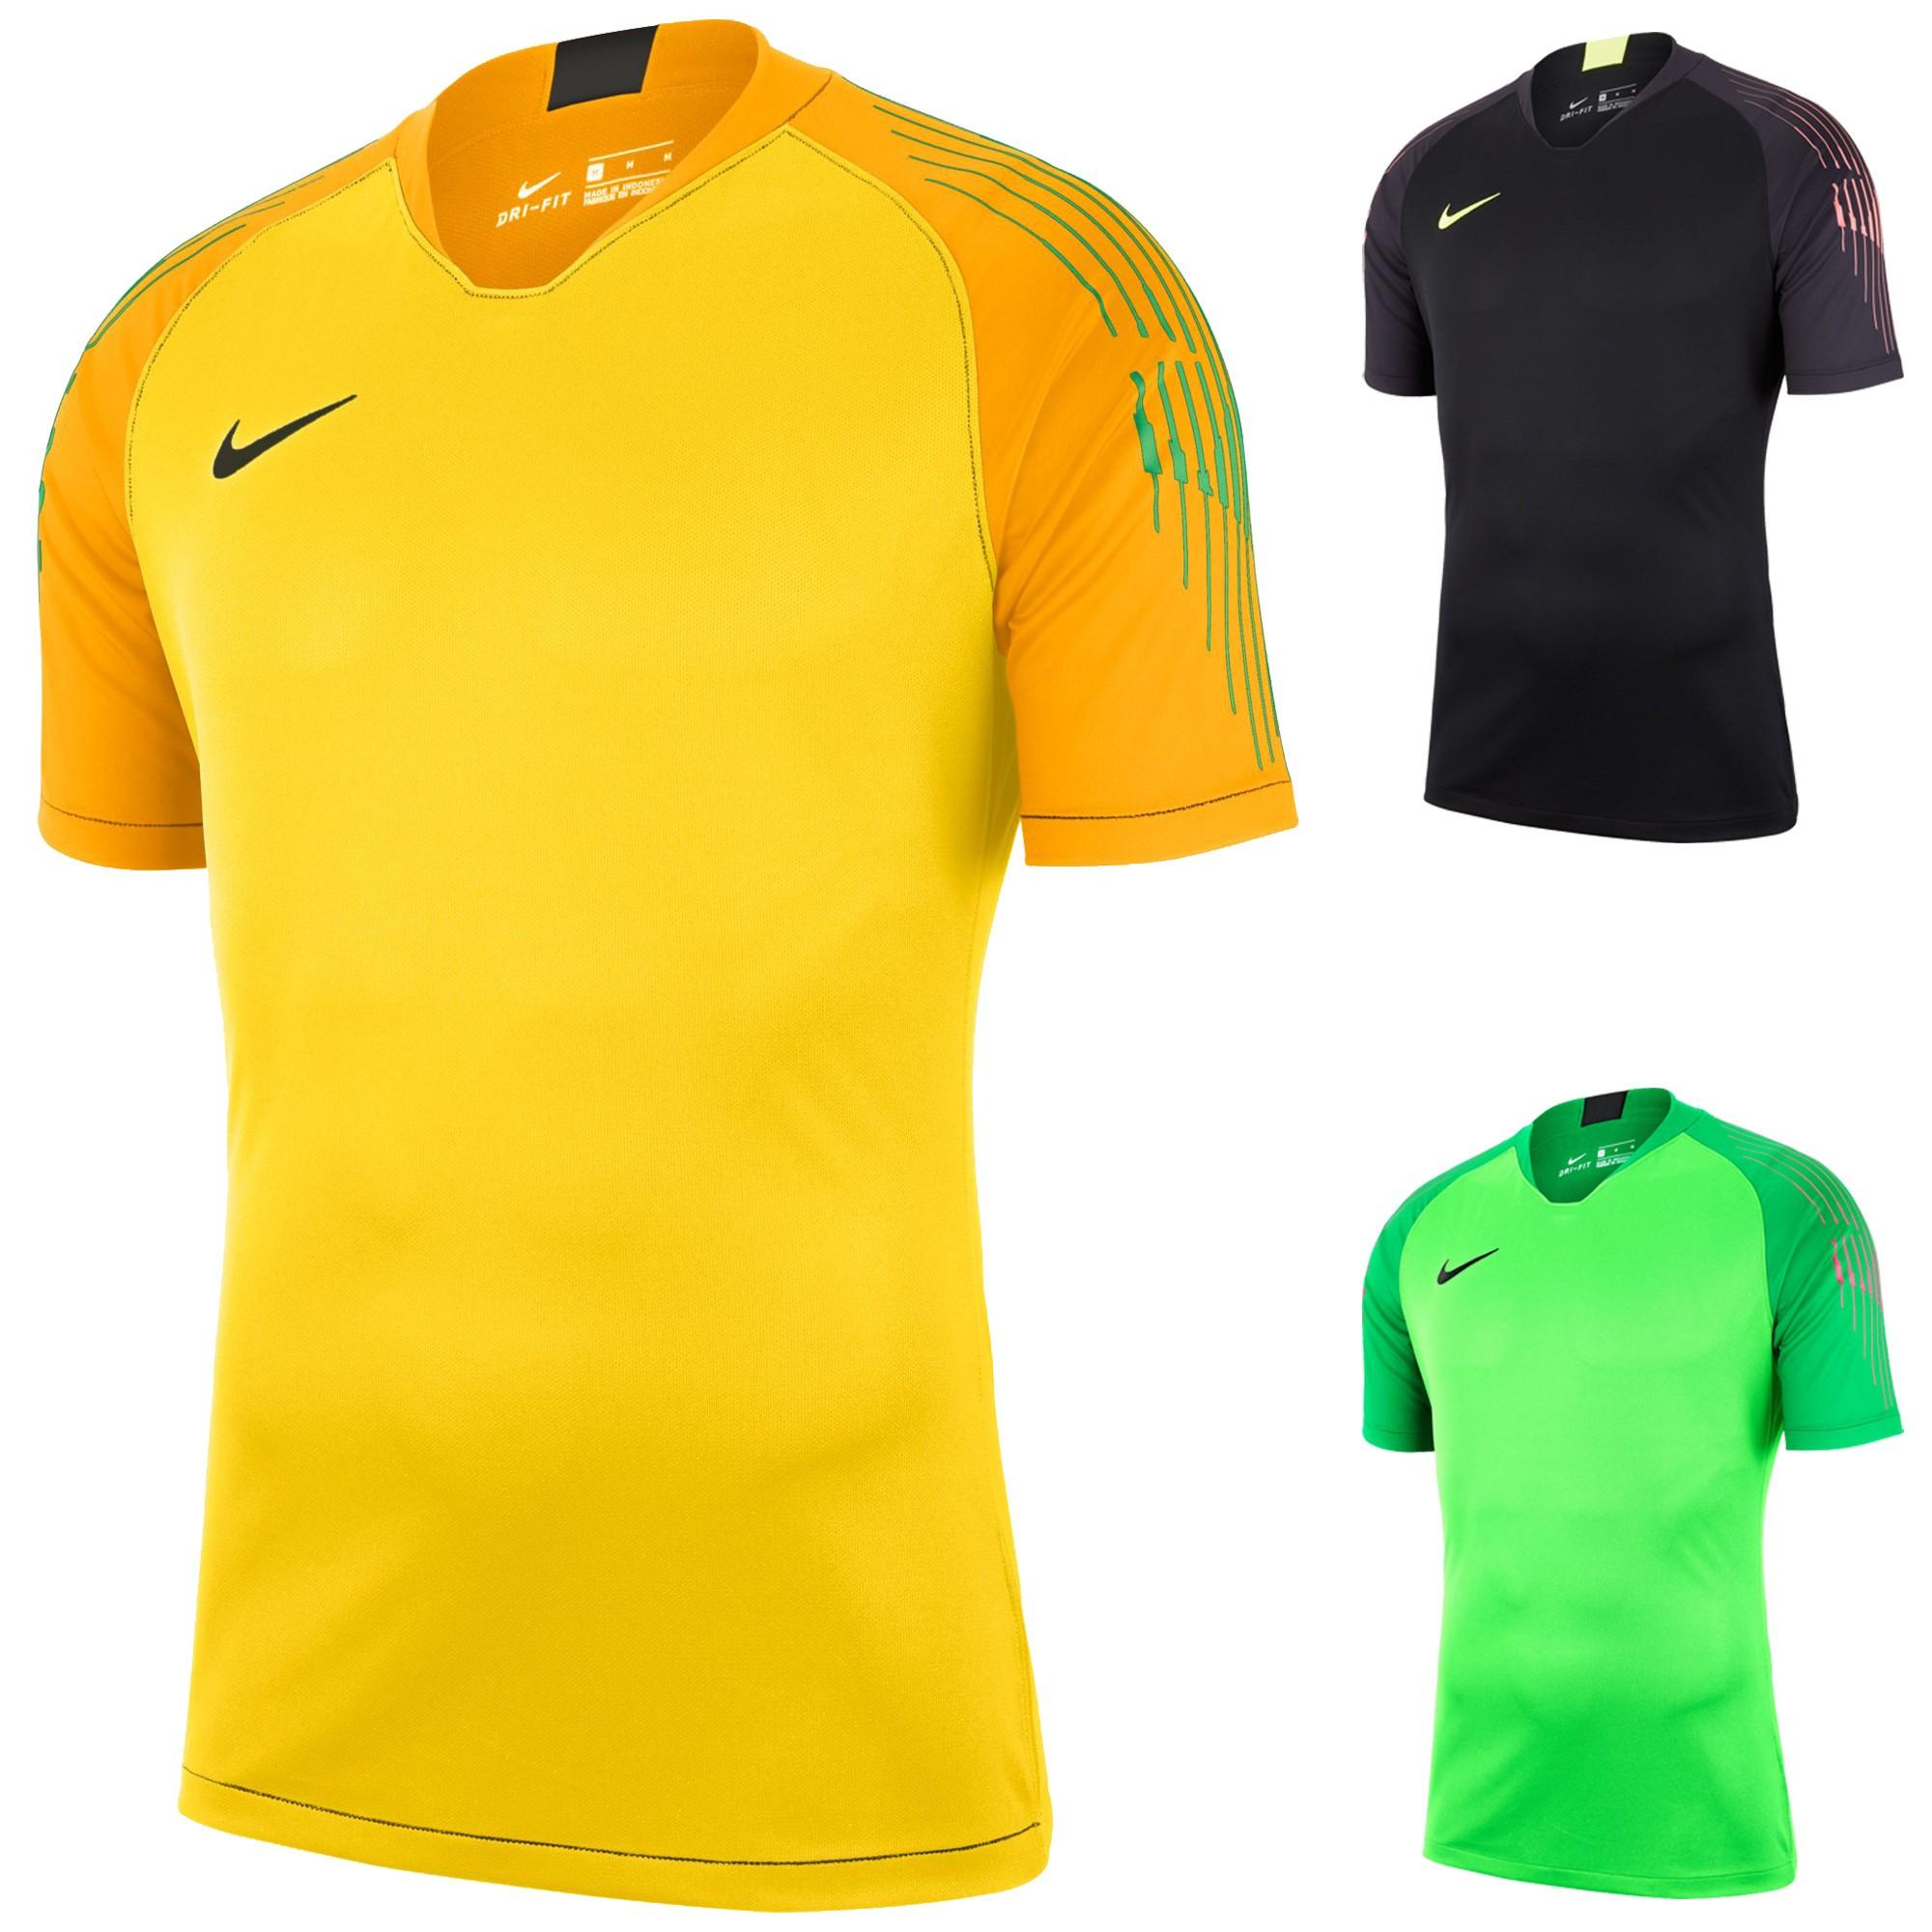 maillot jaune et rouge nike